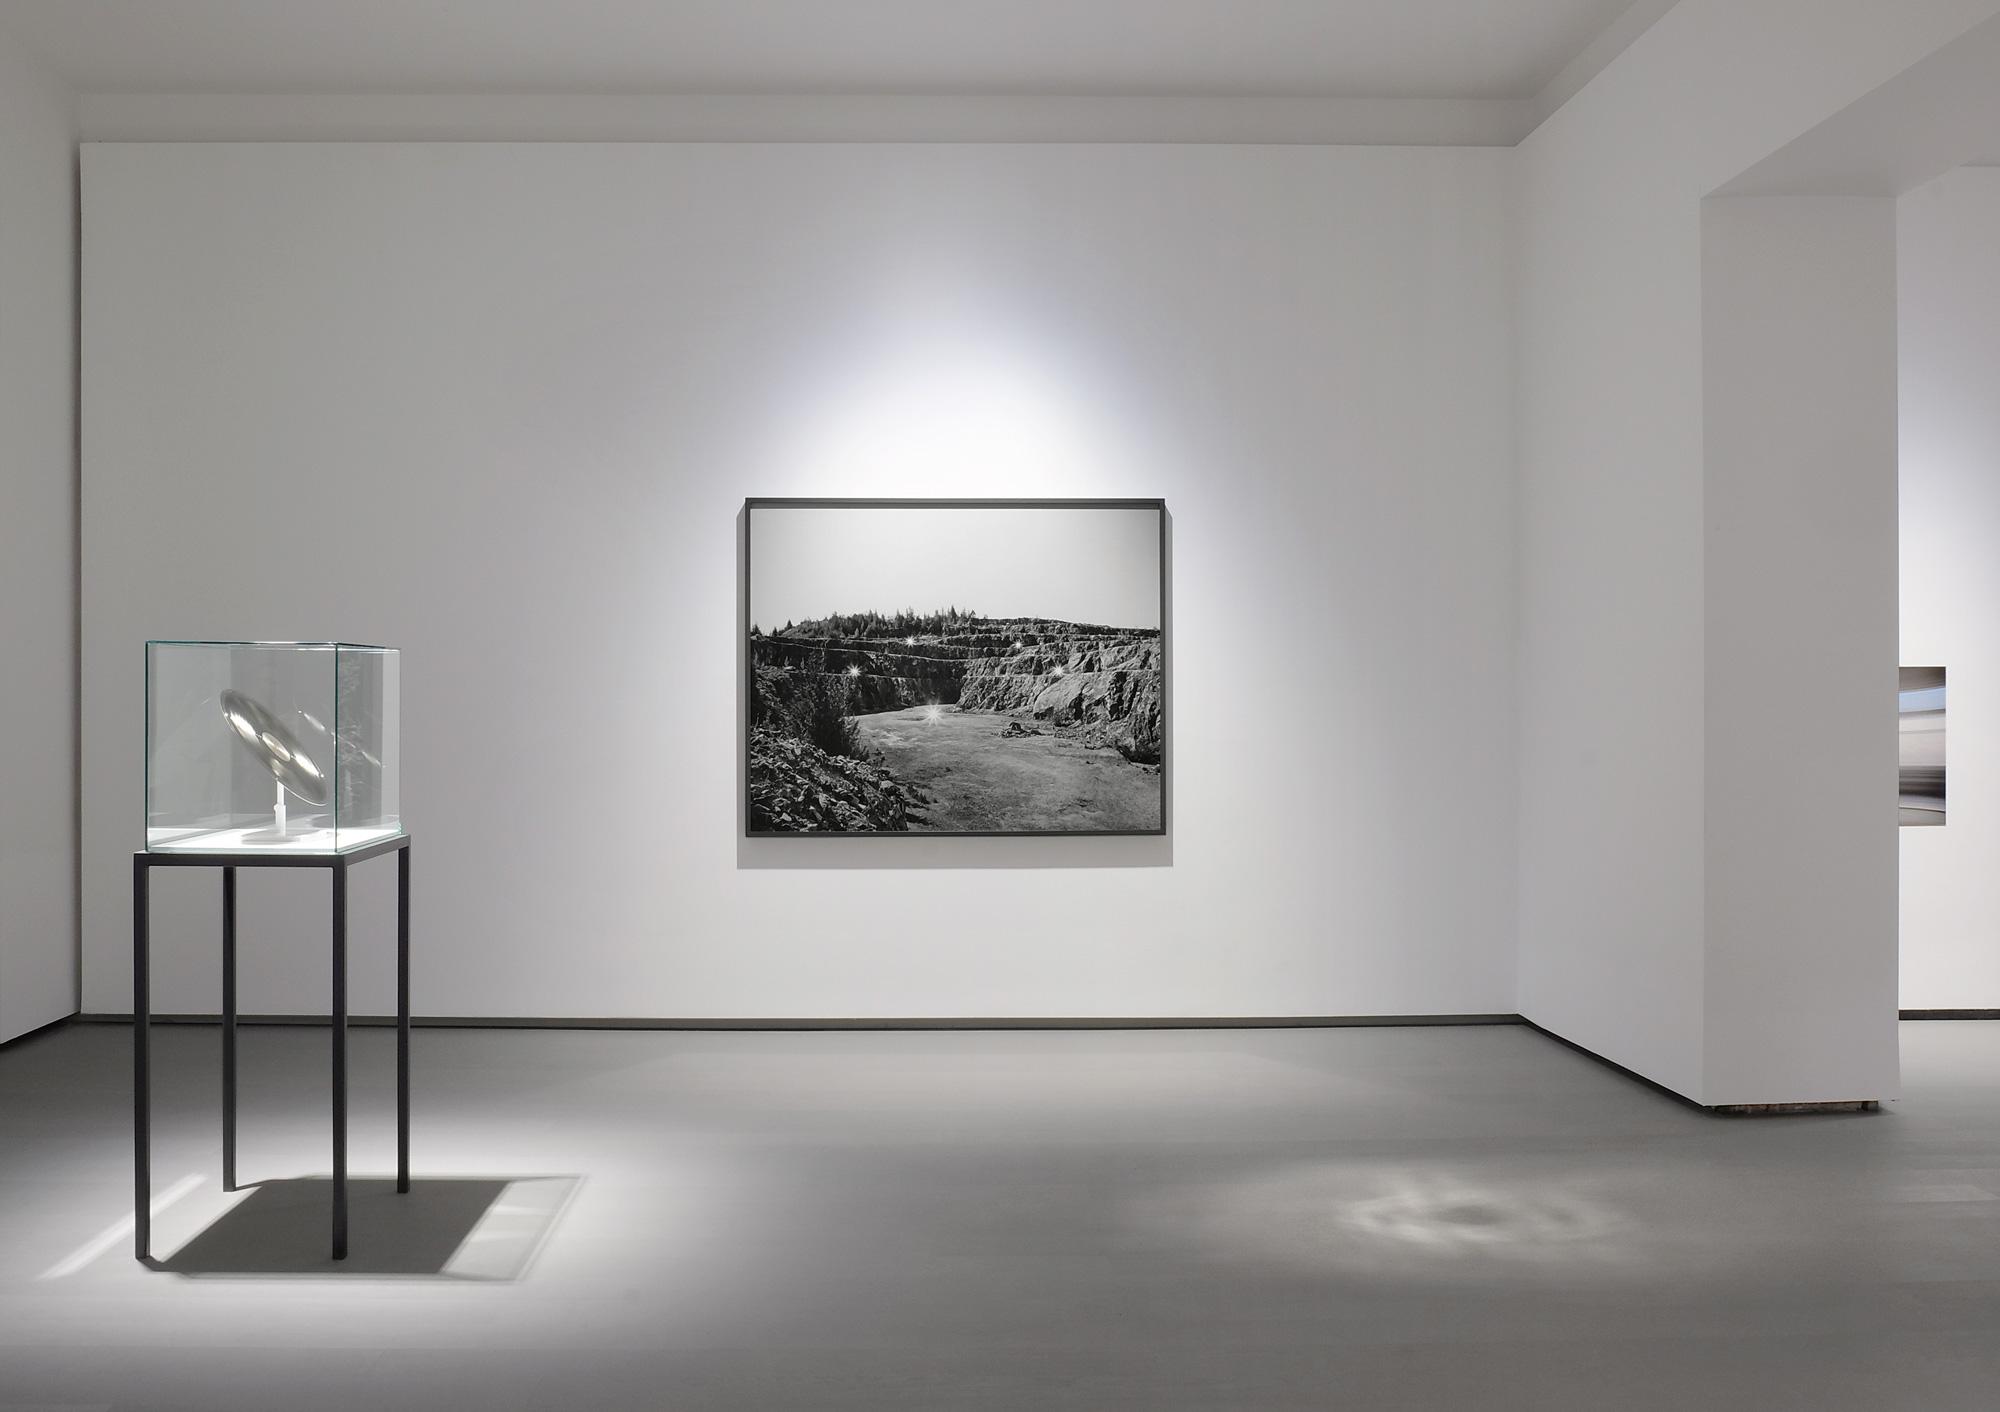 Stellar Spectra Exhibition View REITER Galerie, Berlin / 2017